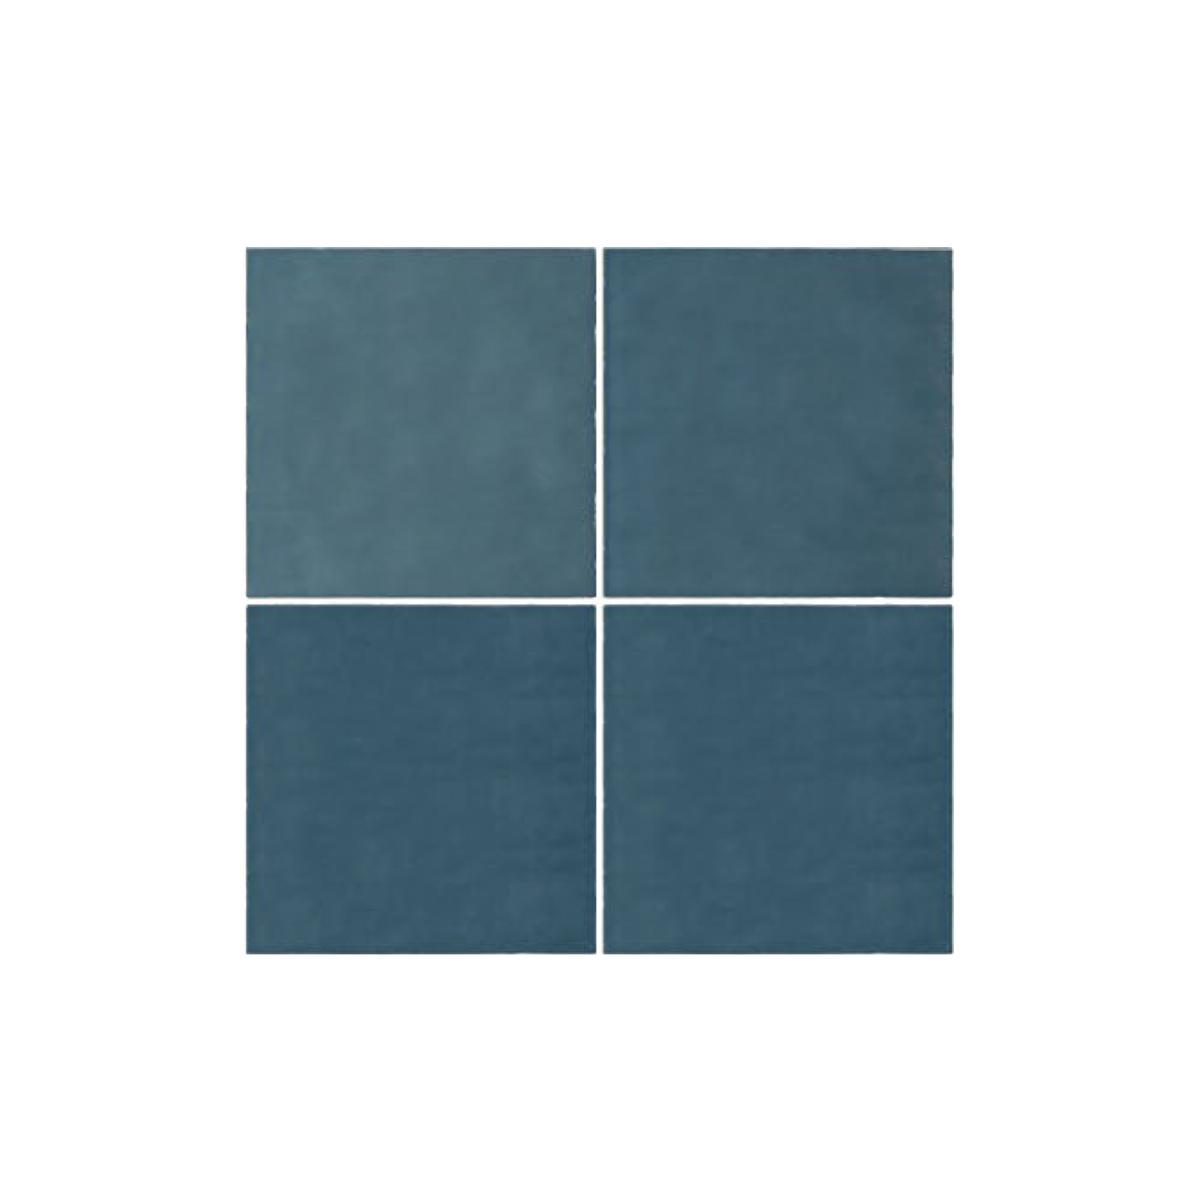 Casablanca - Sky Blue - Square Feature Tiles - 120x120mm